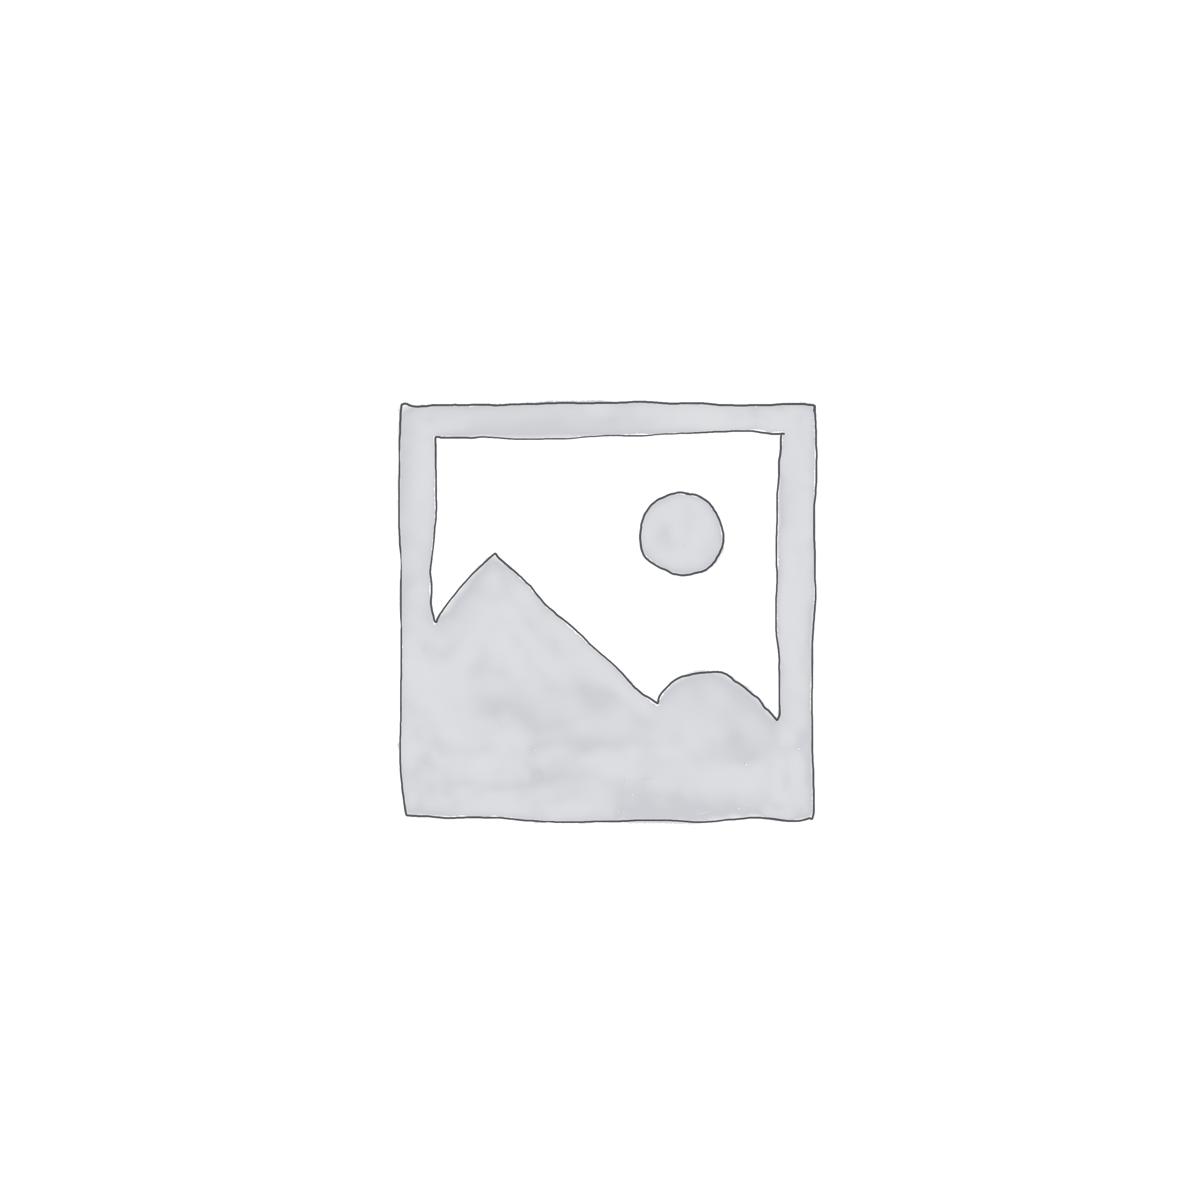 QPCR Seals (Adhesive)